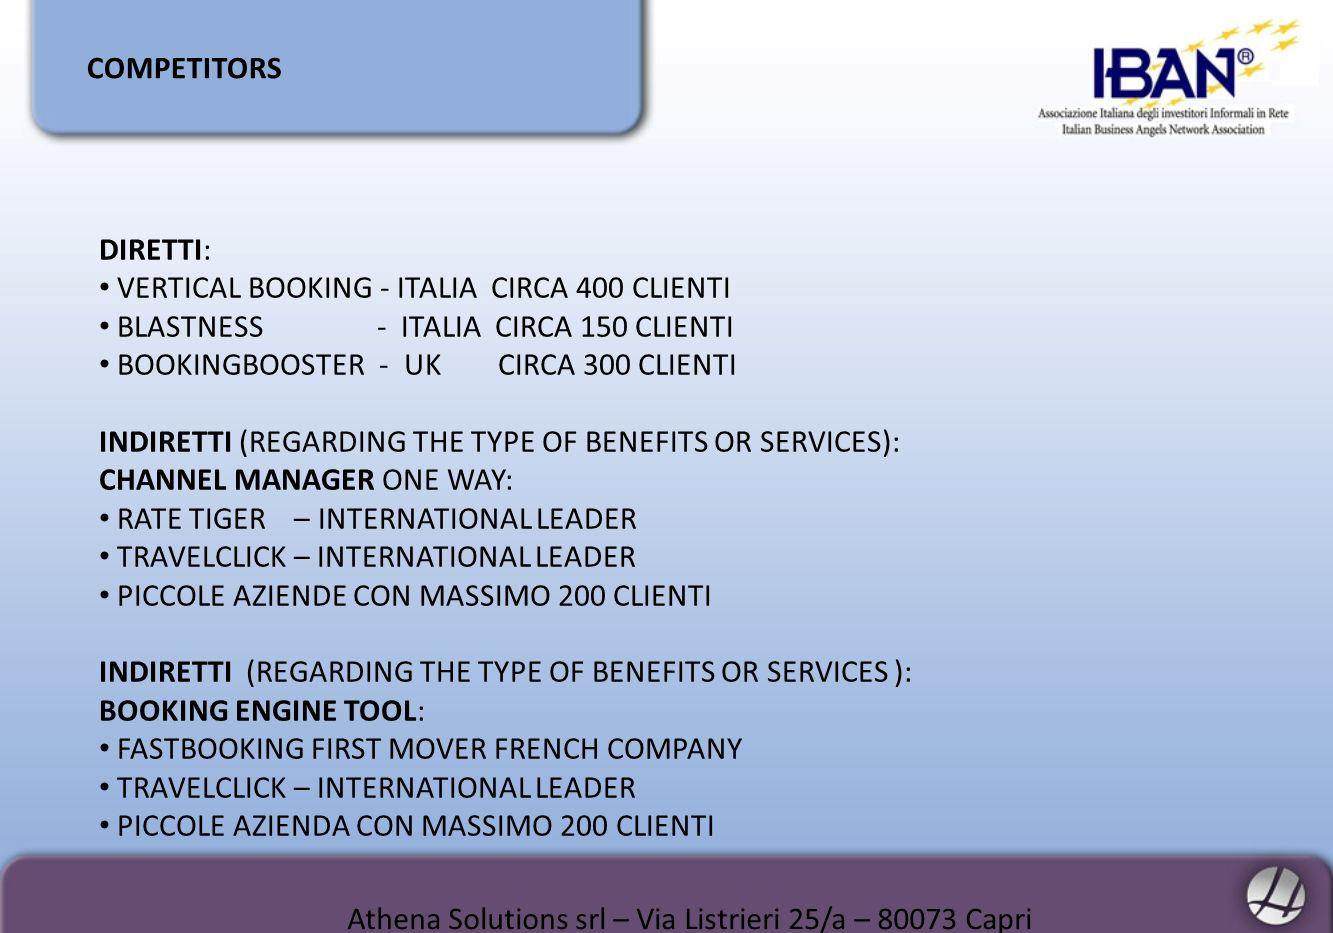 COMPETITORS DIRETTI: VERTICAL BOOKING - ITALIA CIRCA 400 CLIENTI BLASTNESS - ITALIA CIRCA 150 CLIENTI BOOKINGBOOSTER - UK CIRCA 300 CLIENTI INDIRETTI